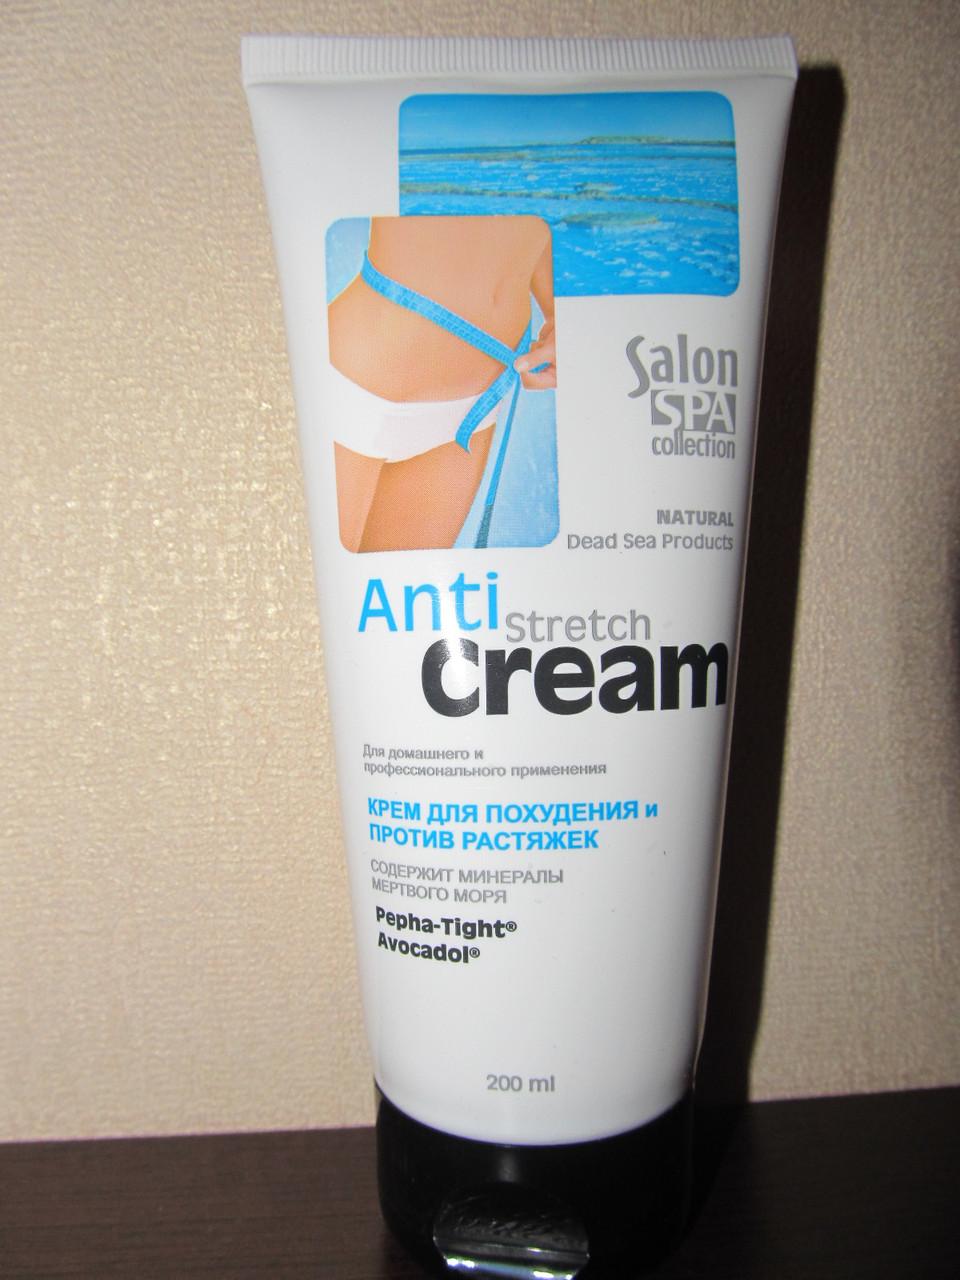 Крем для похудения Anti Stretch Cream Salon Spa (Салон Спа)